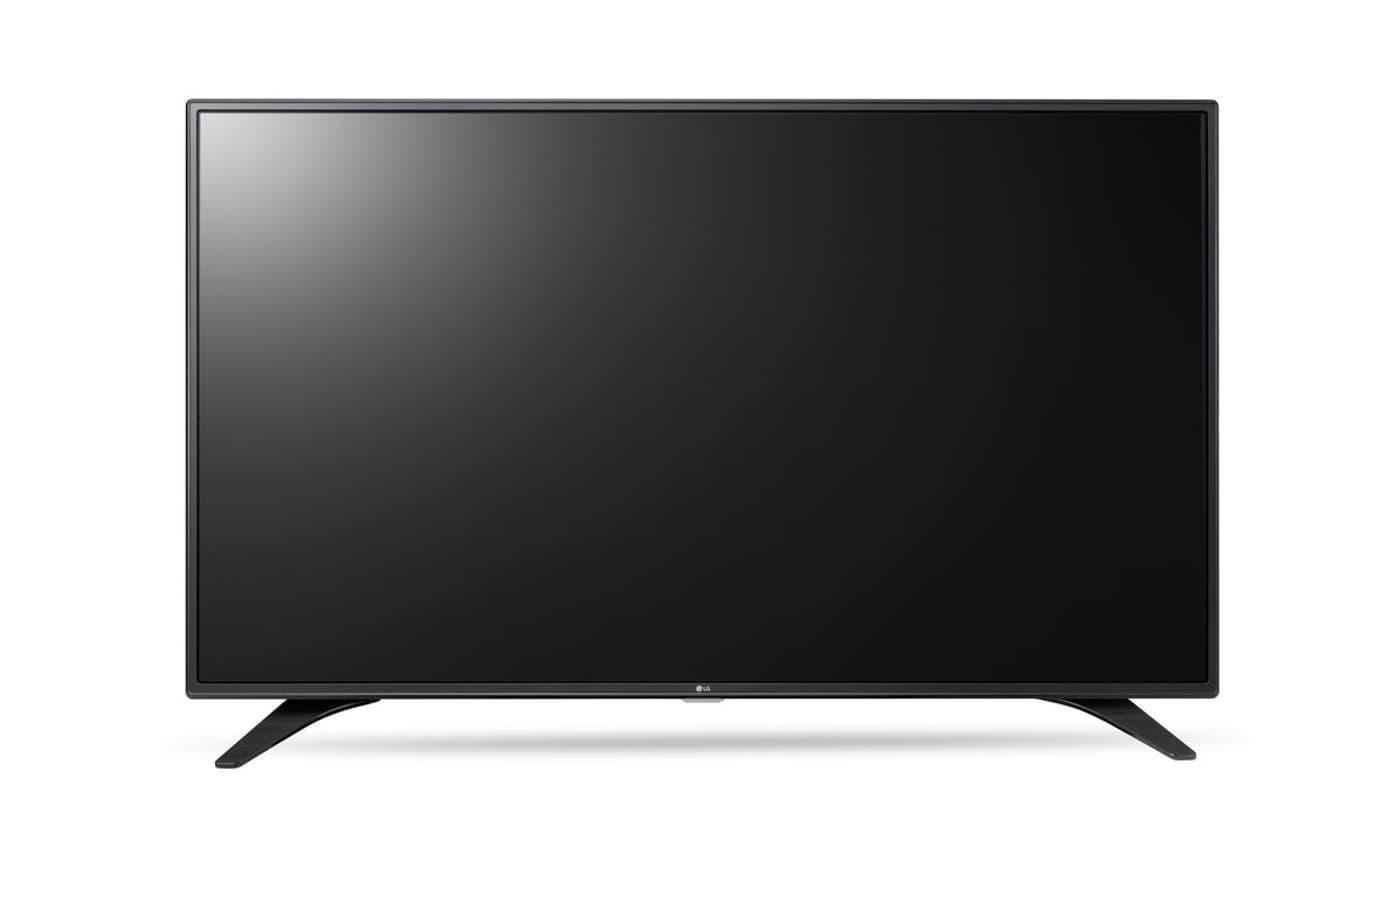 lg 32lh604v 80 cm led fernseher migros. Black Bedroom Furniture Sets. Home Design Ideas